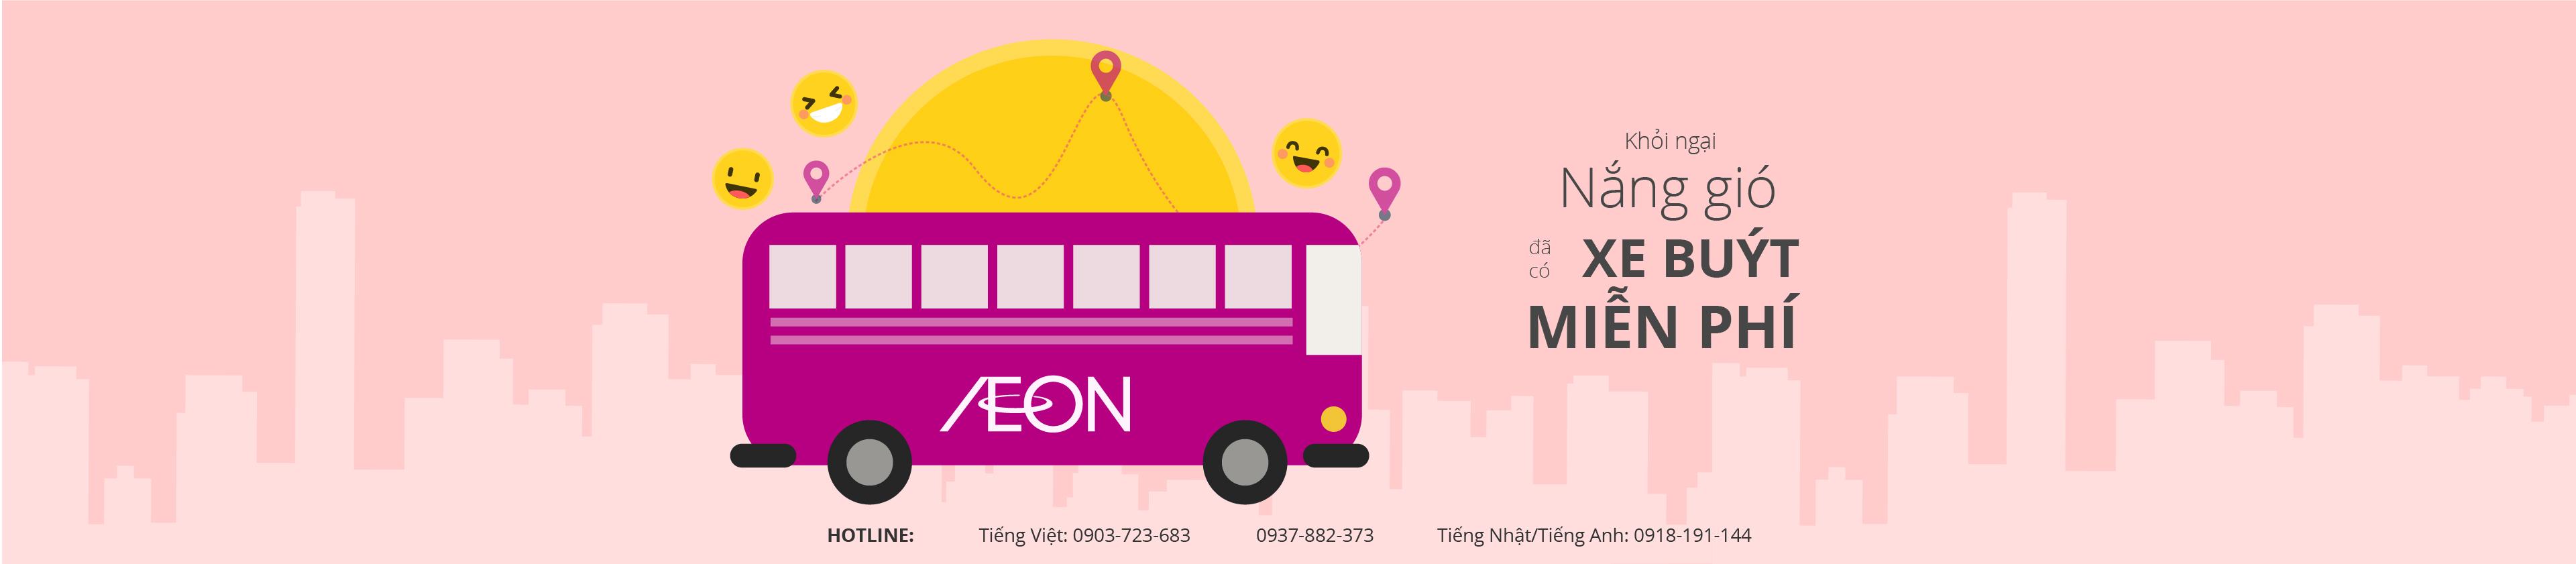 Xe buýt miễn phí tới Trung tâm mua sắm AEON